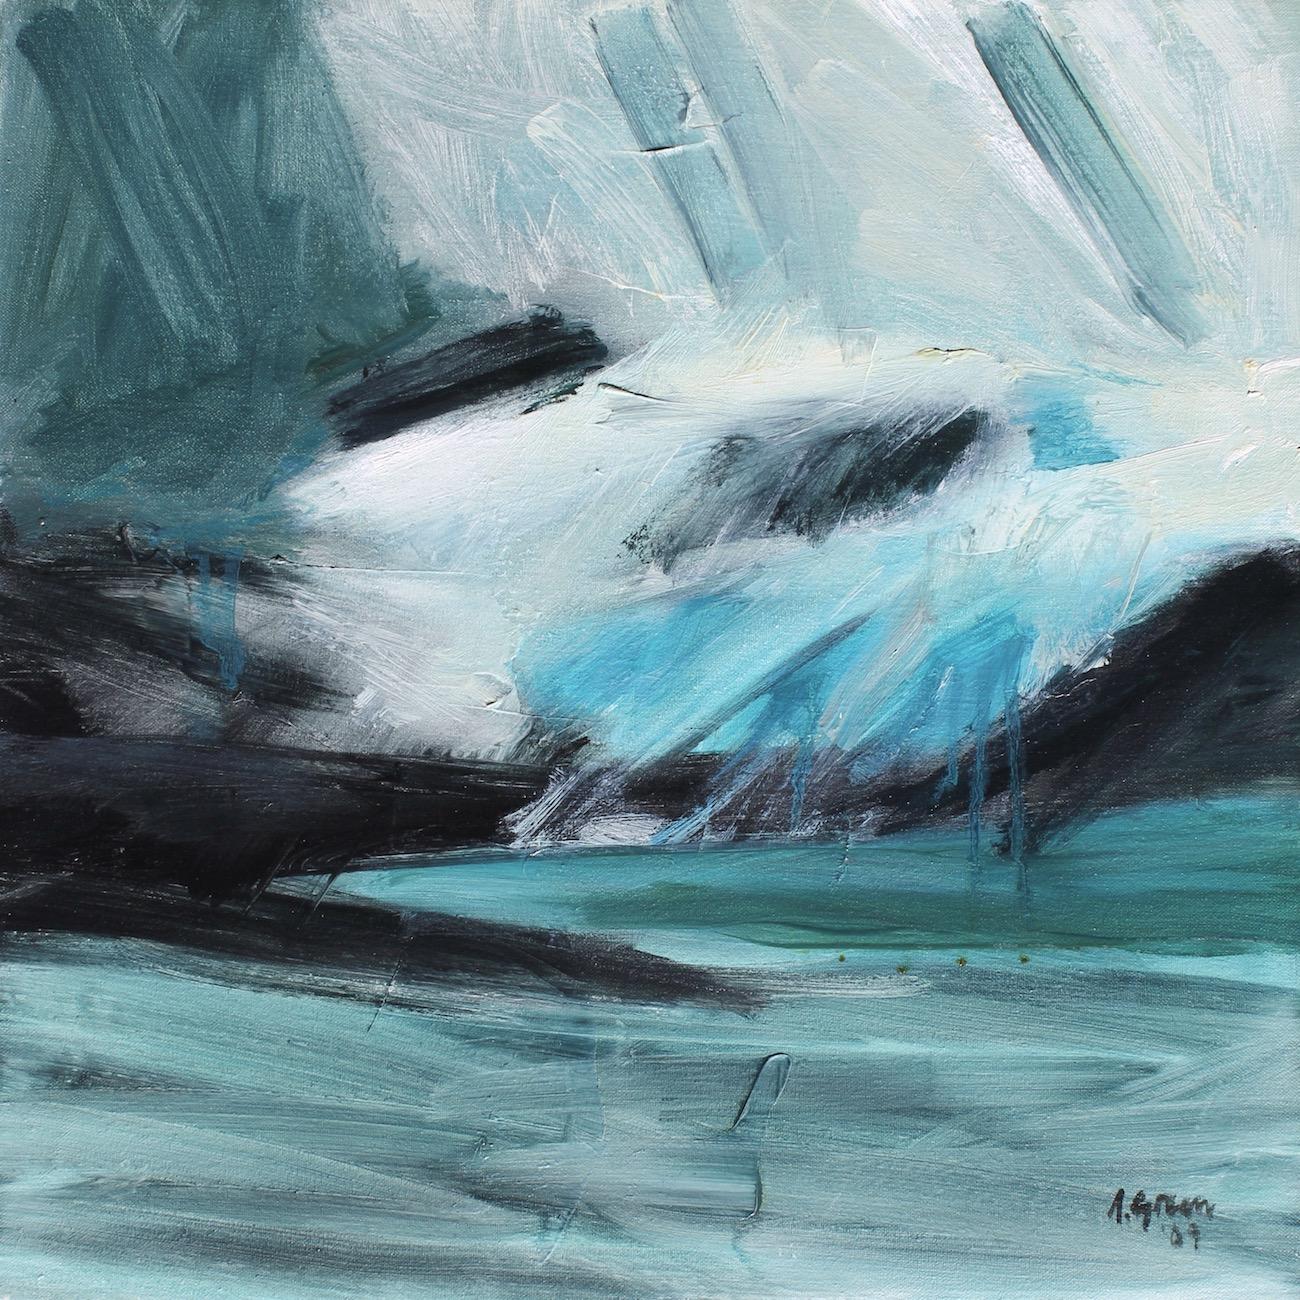 Glacier #2